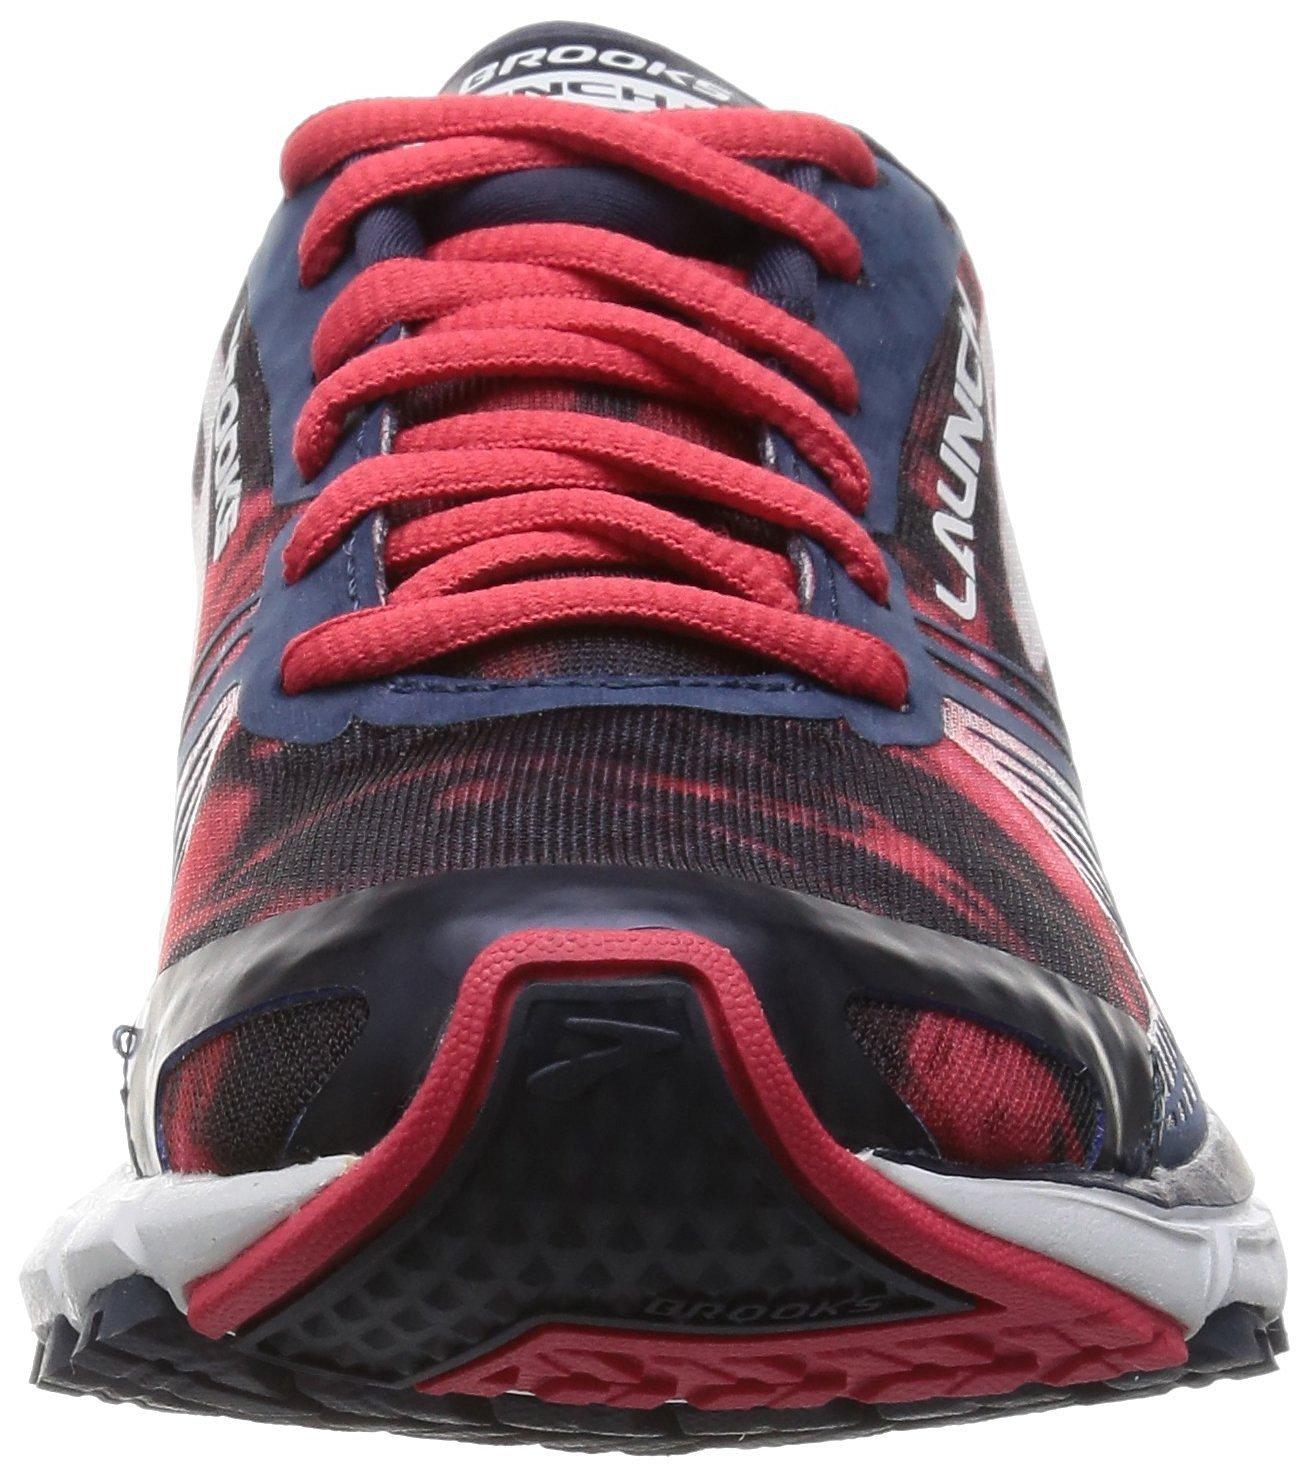 Brooks Launch 3 женская беговая обувь 202061 B486